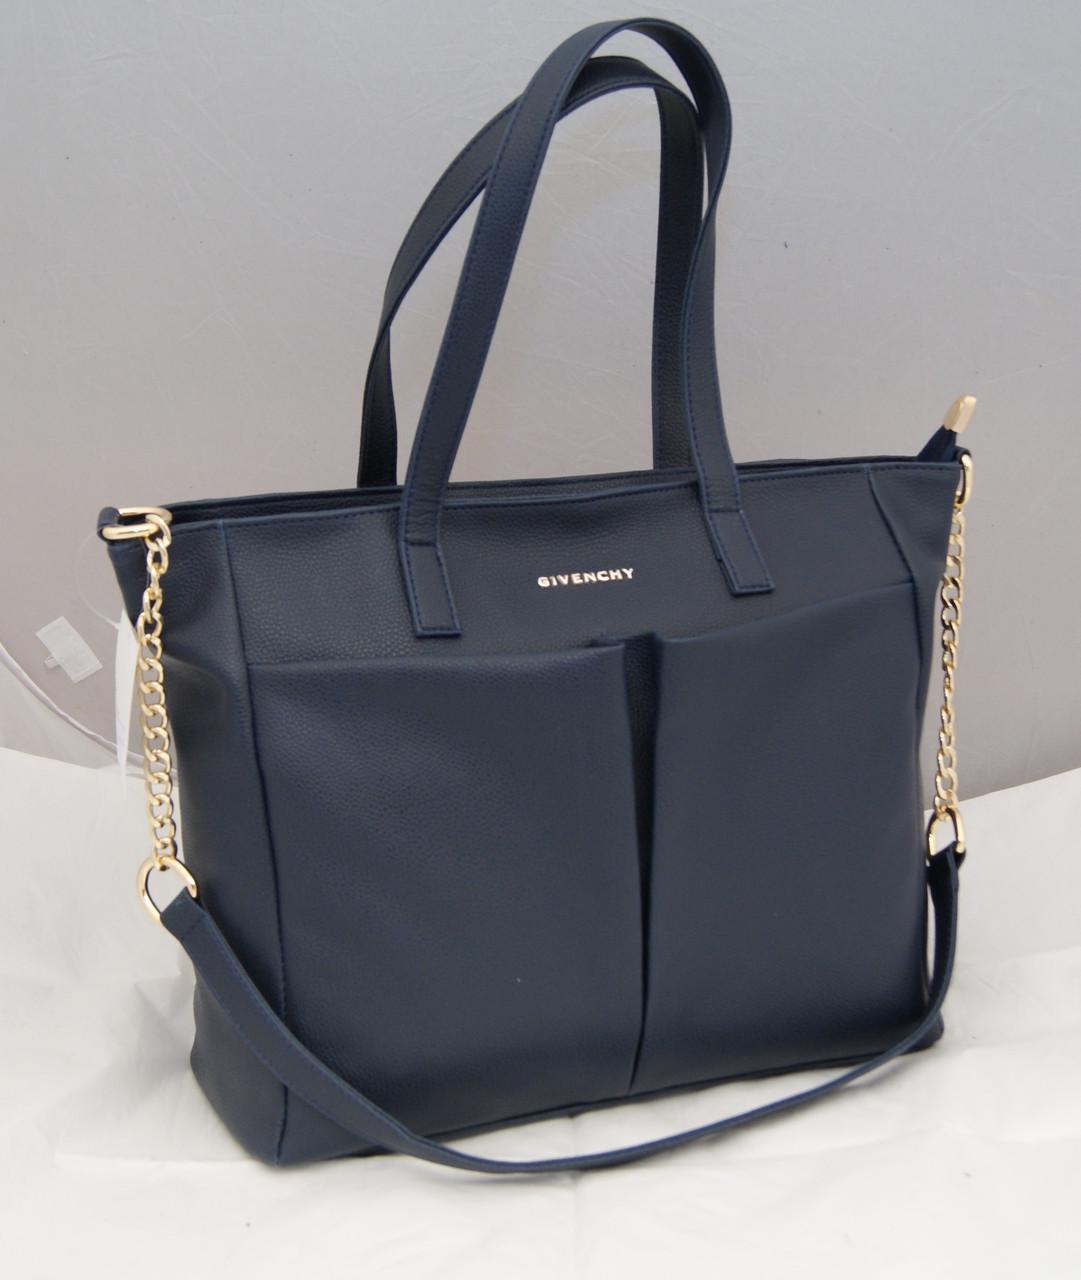 Женская сумка Givenchy, цвет синий Живанши